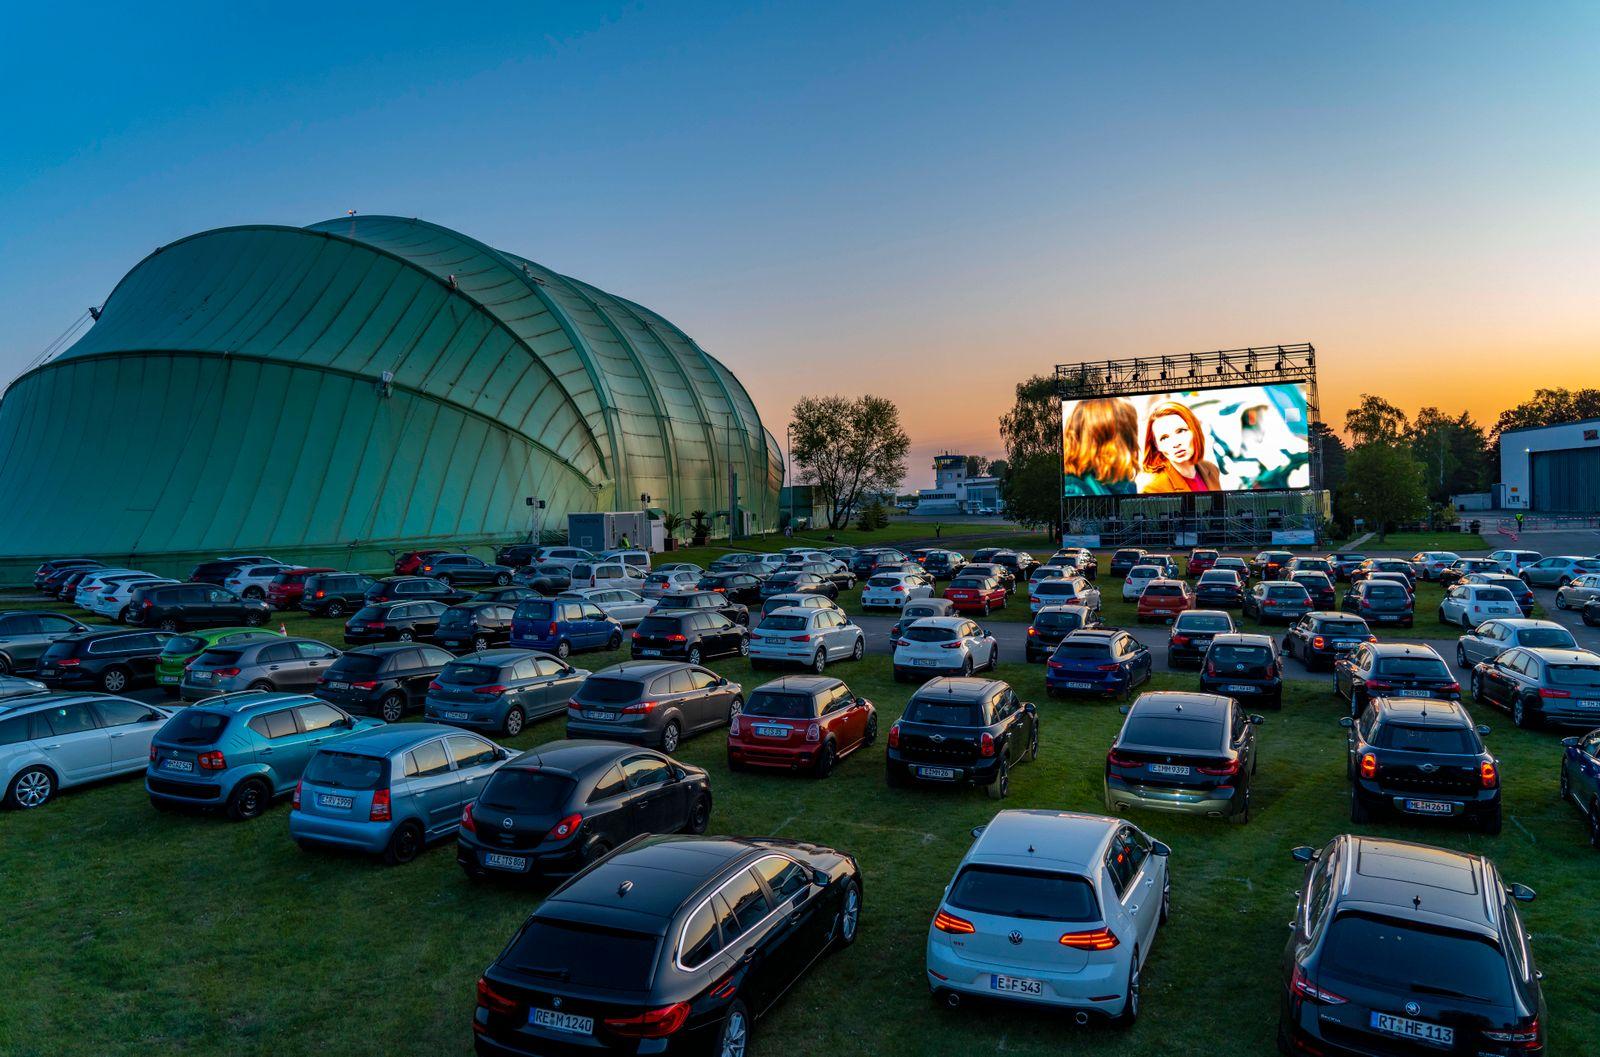 Autokino am Flughafen Essen/Mülheim Motor Movies, temporäre Filmvorführung, am WDL Luftschiff Hangar, Veranstaltung unte